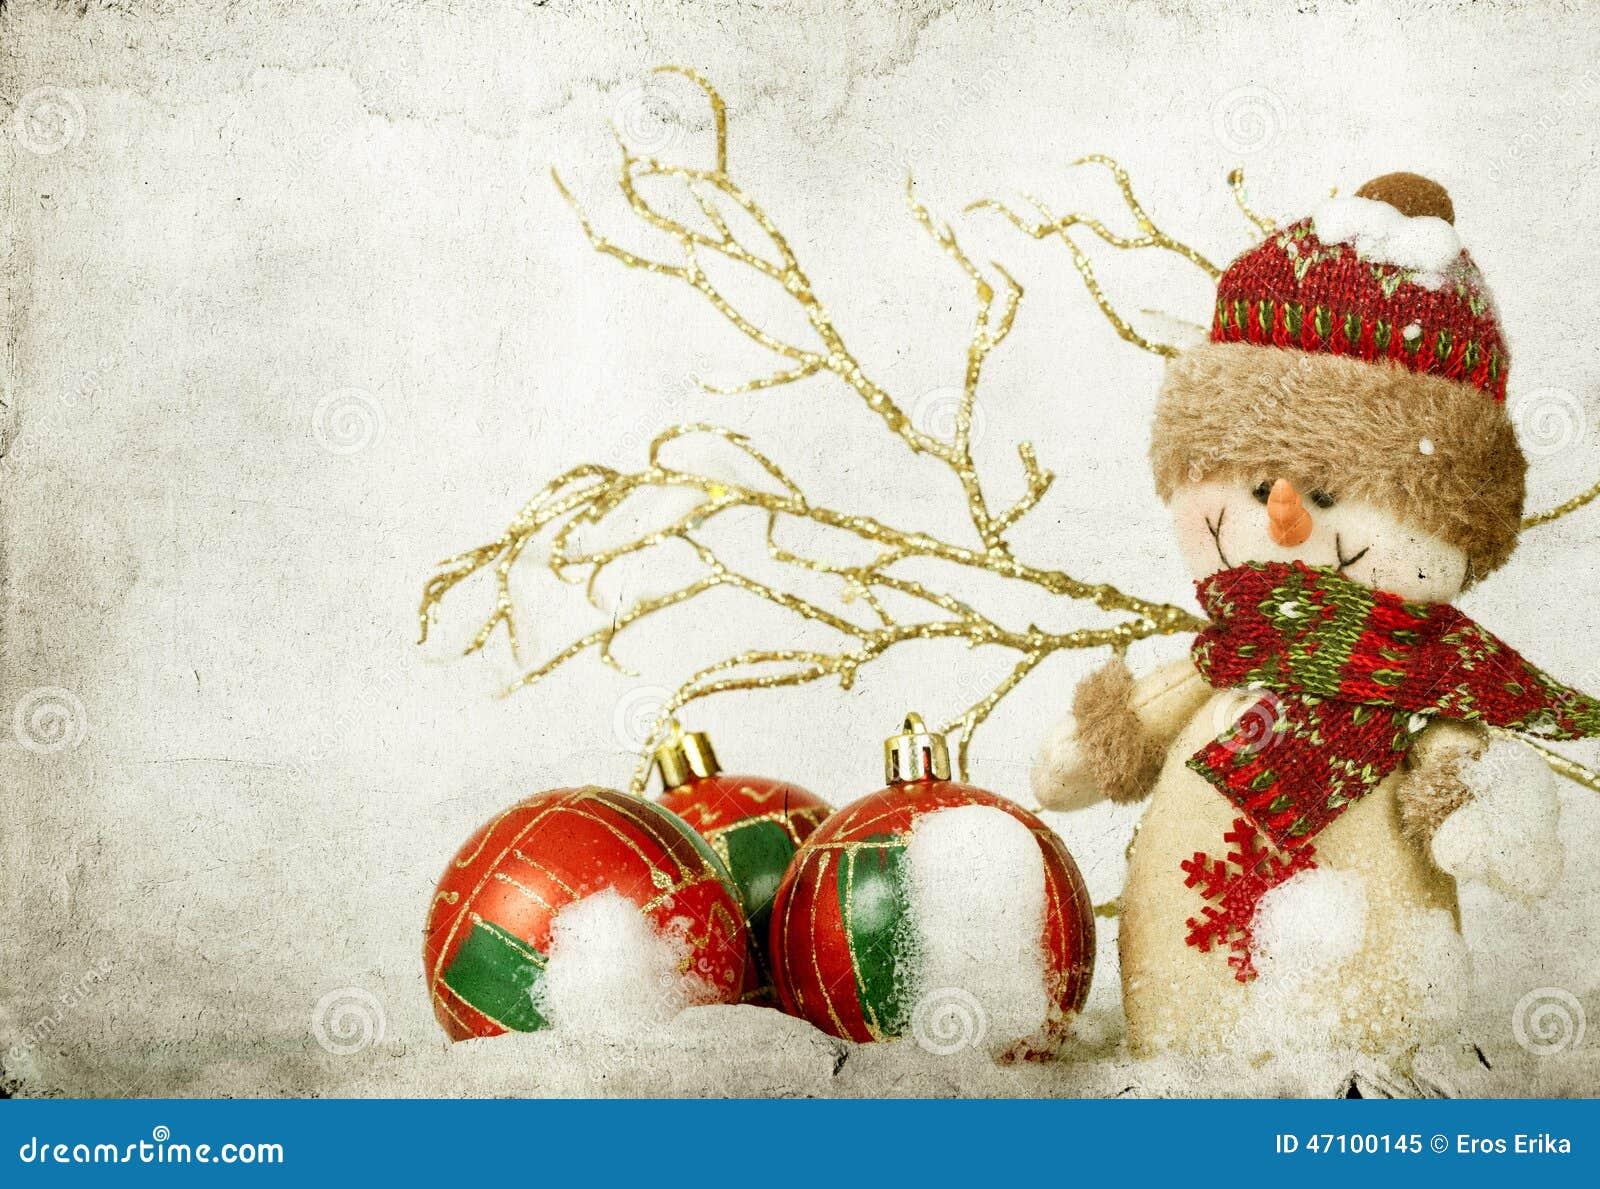 Weihnachtsdekorationen mit Schneemann